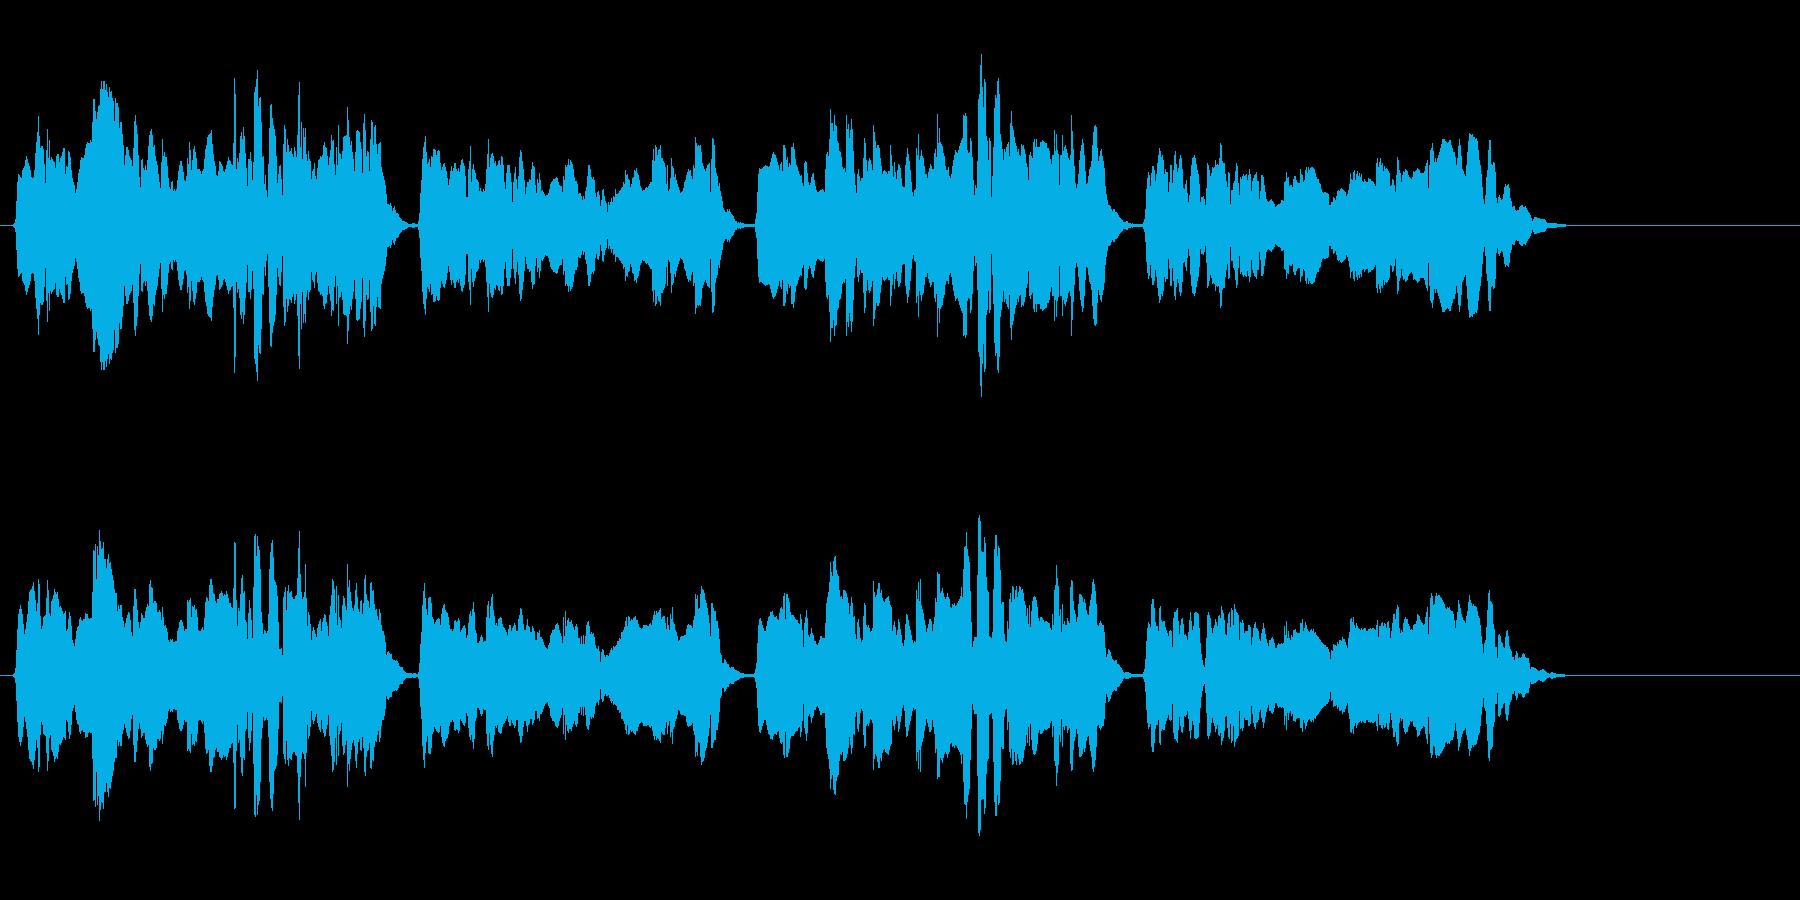 尺八 生演奏 古典風 残響音無 9の再生済みの波形